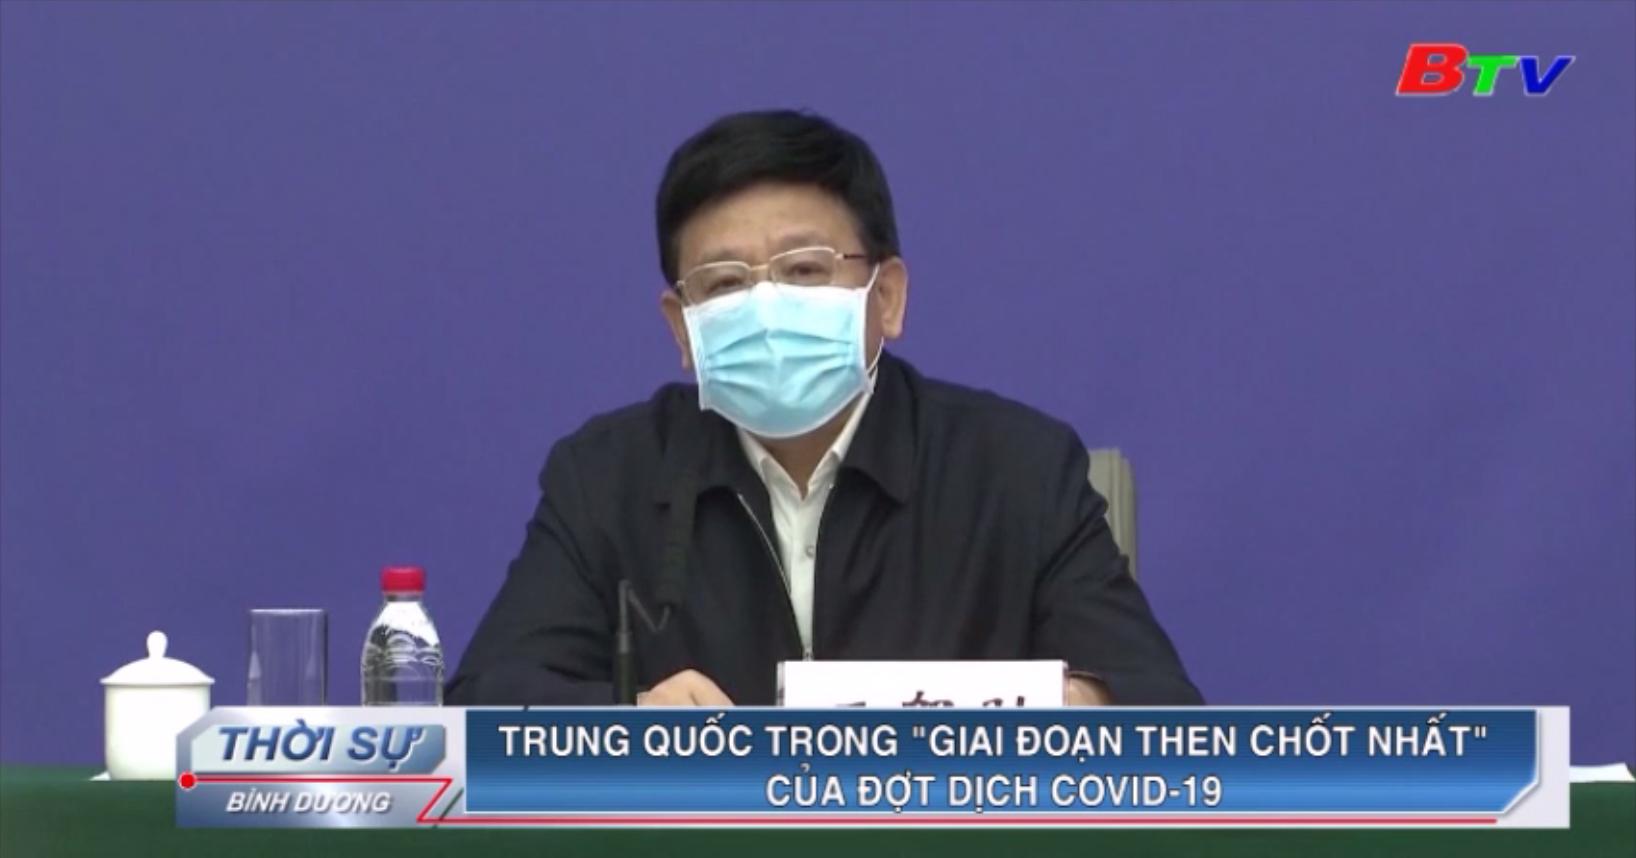 """Trung Quốc trong """"giai đoạn then chốt nhất"""" của đợt dịch Covid-19"""